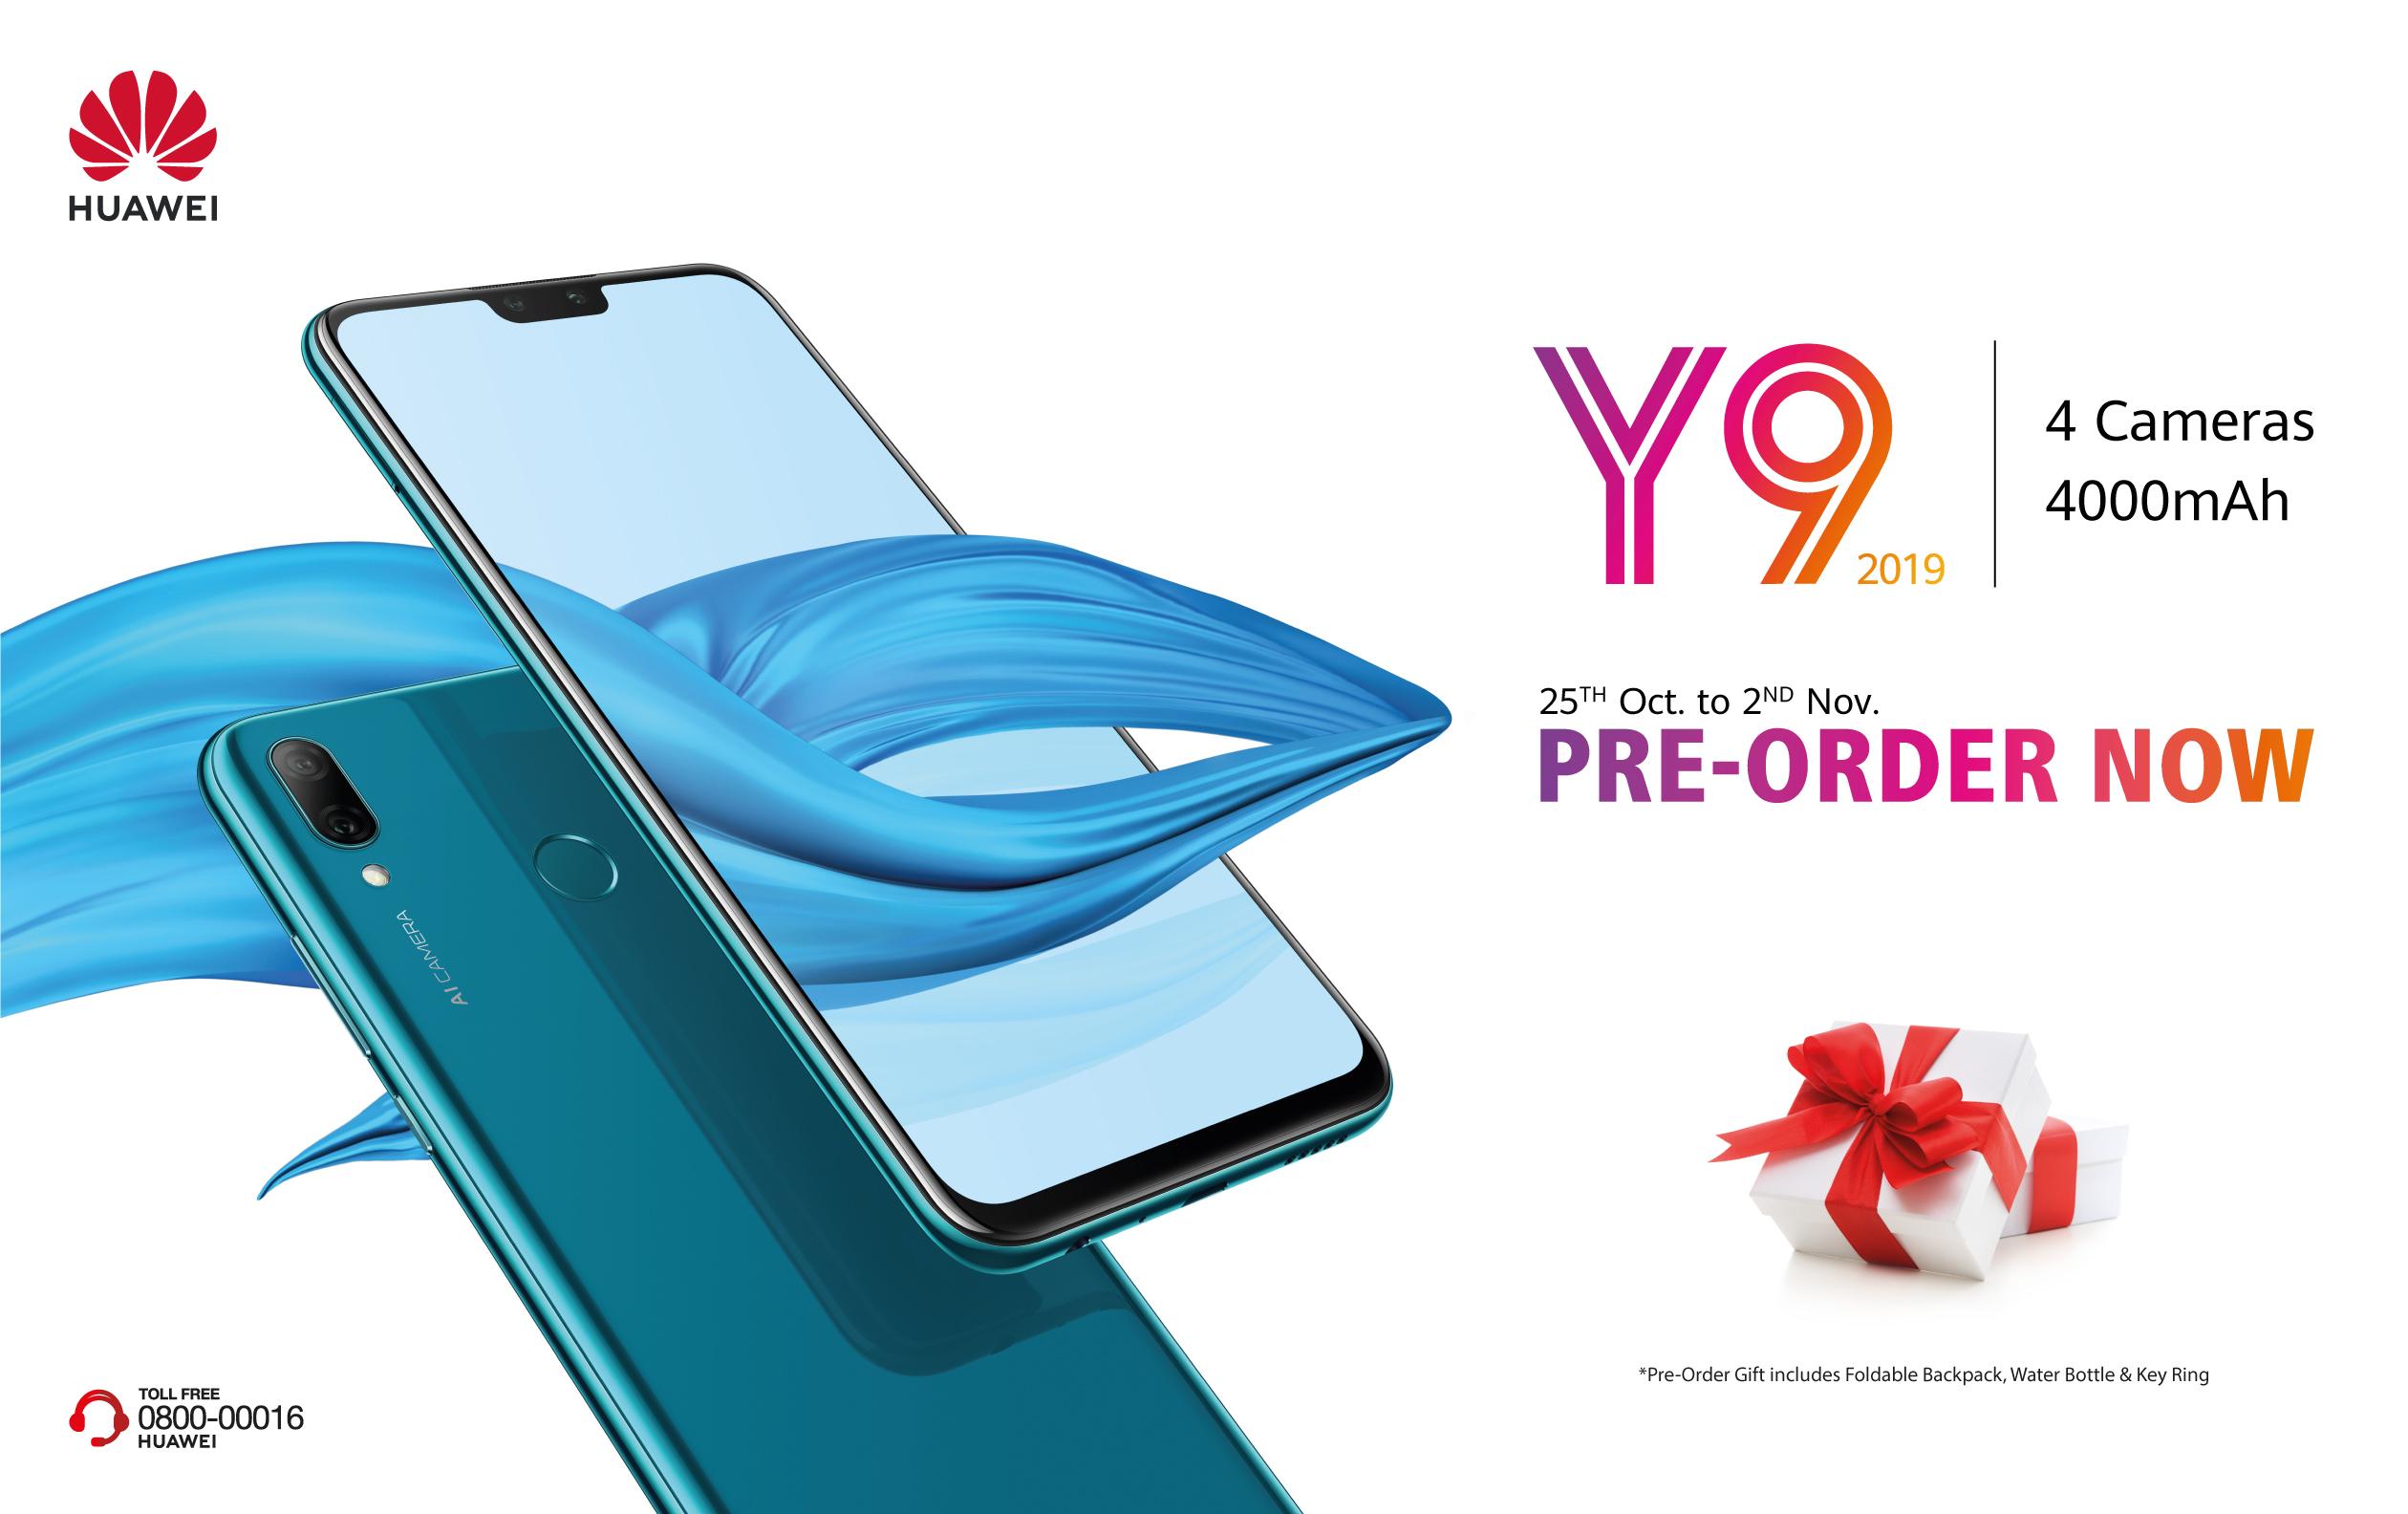 HUAWEI Y9 2019 (Pre-order Now)